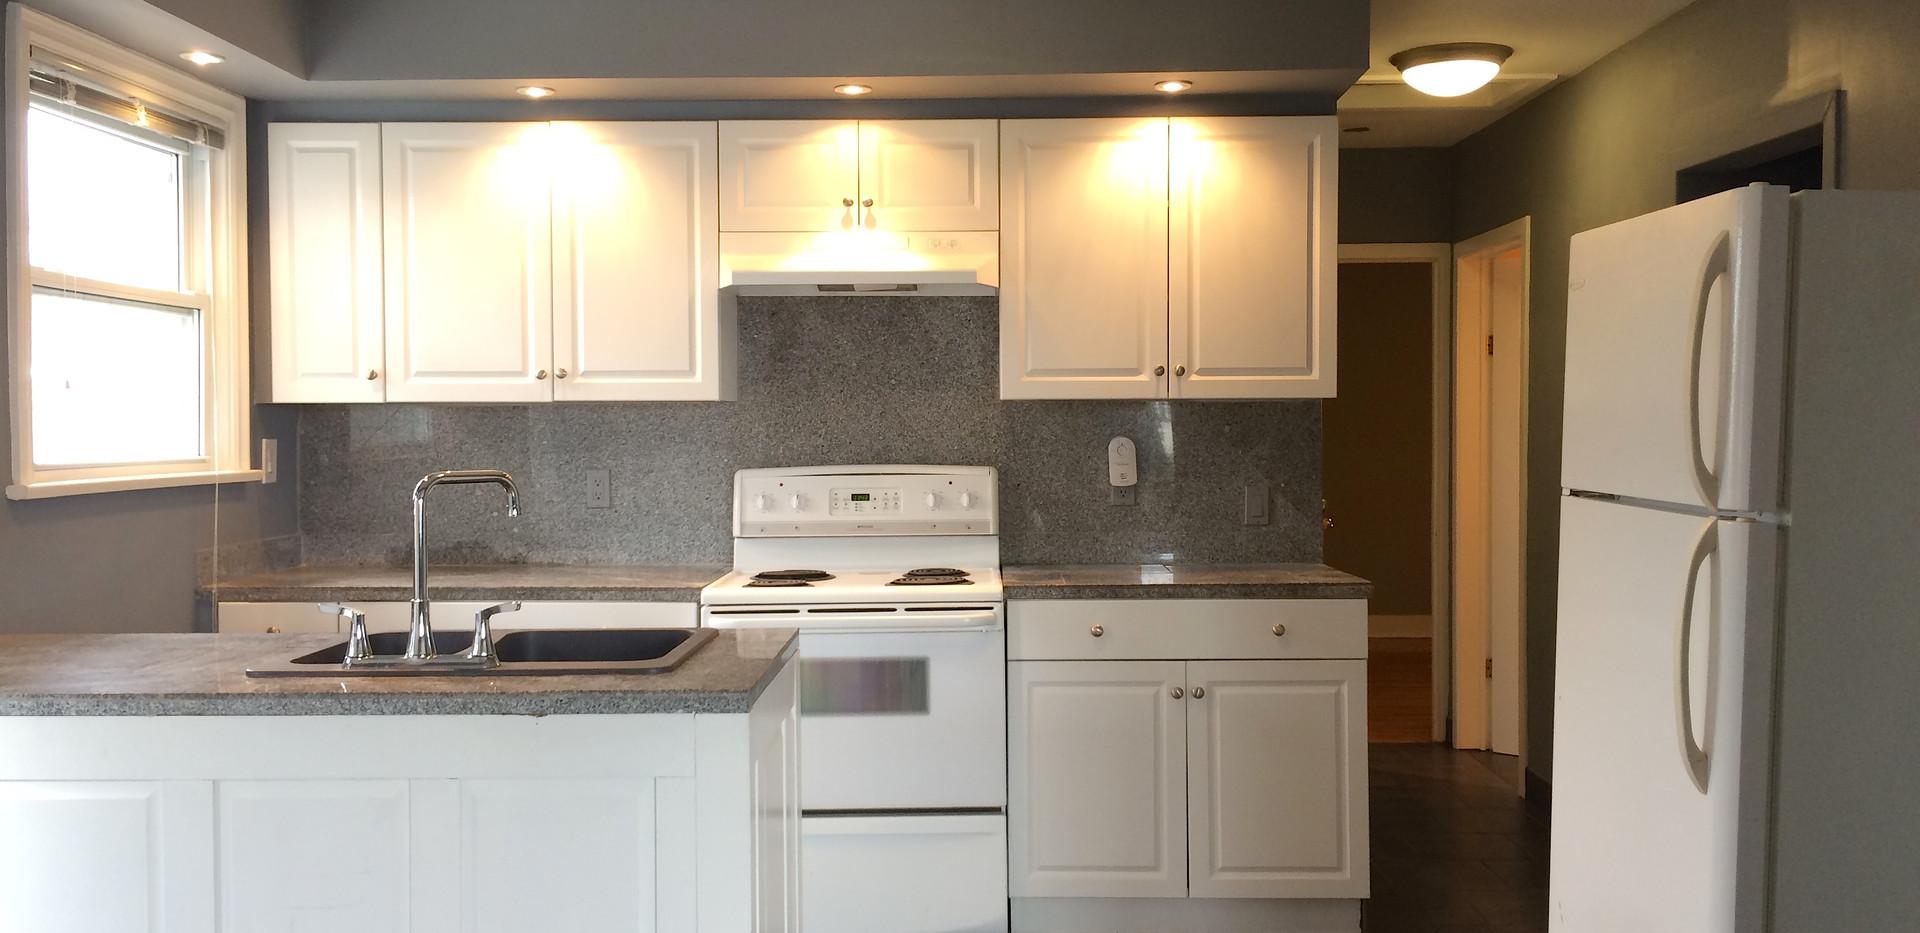 1-Kitchen1.JPG